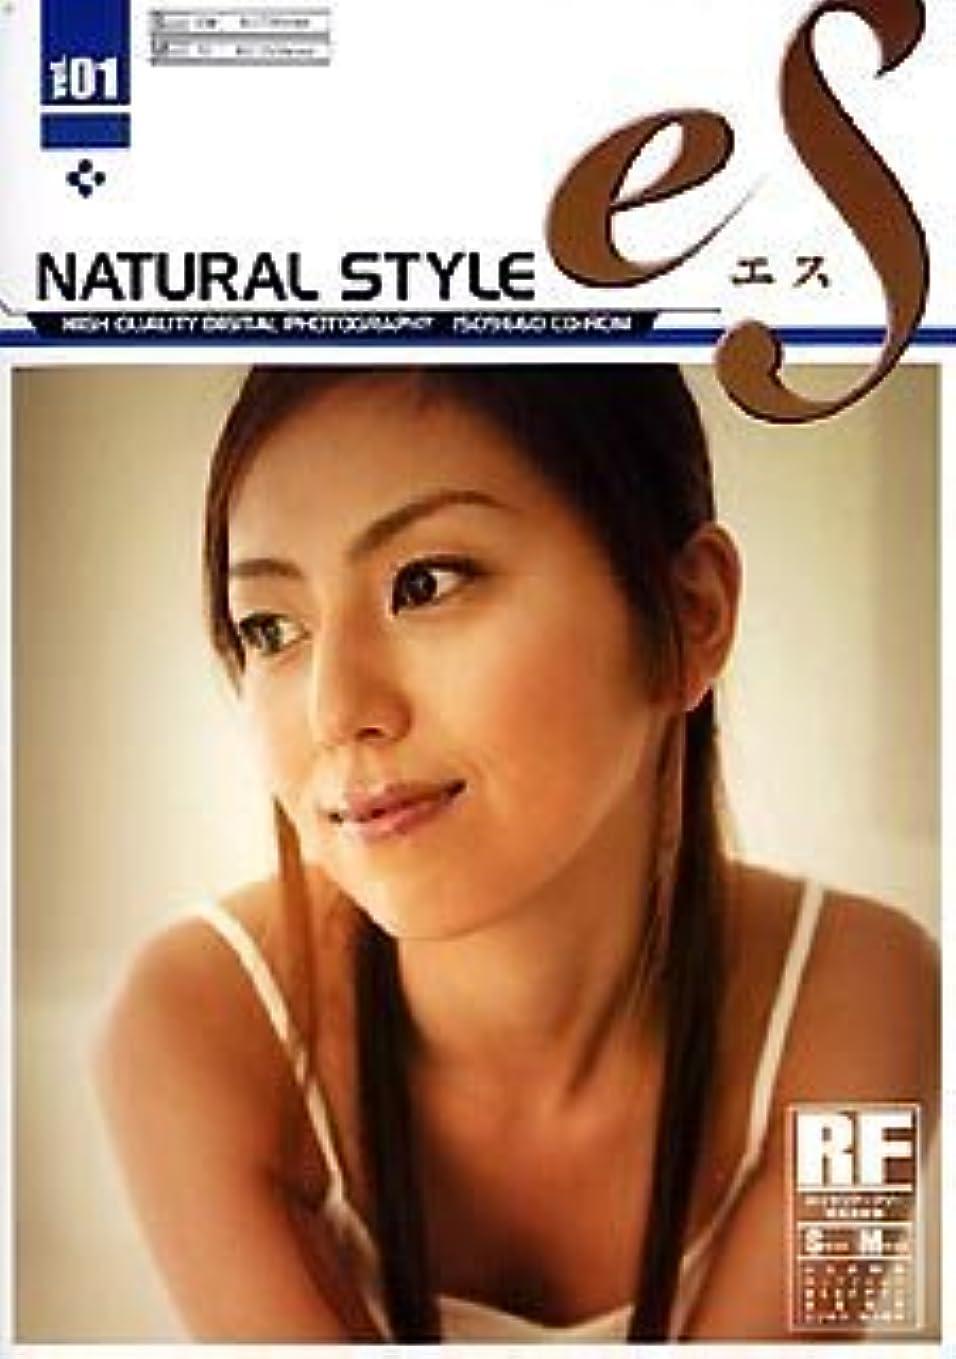 オーケストラ悪化する高めるeS Vol.01 ナチュラルスタイル ~NATURAL STYLE~